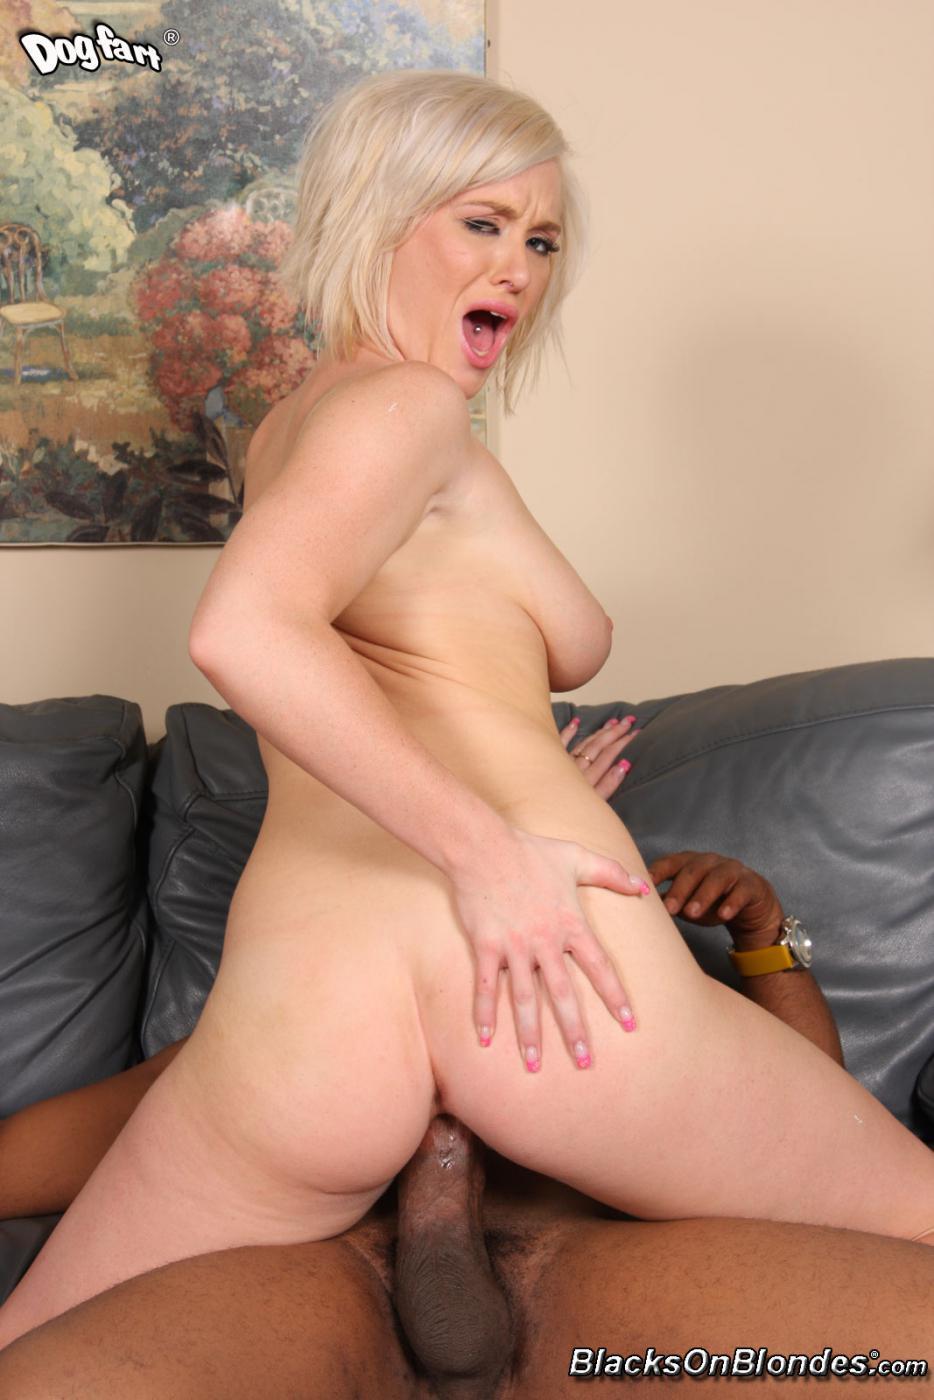 Куколка-блондиночка Naomi Cruise дает черном члену трахнуть свою очаровательную вагину и глотает сперму